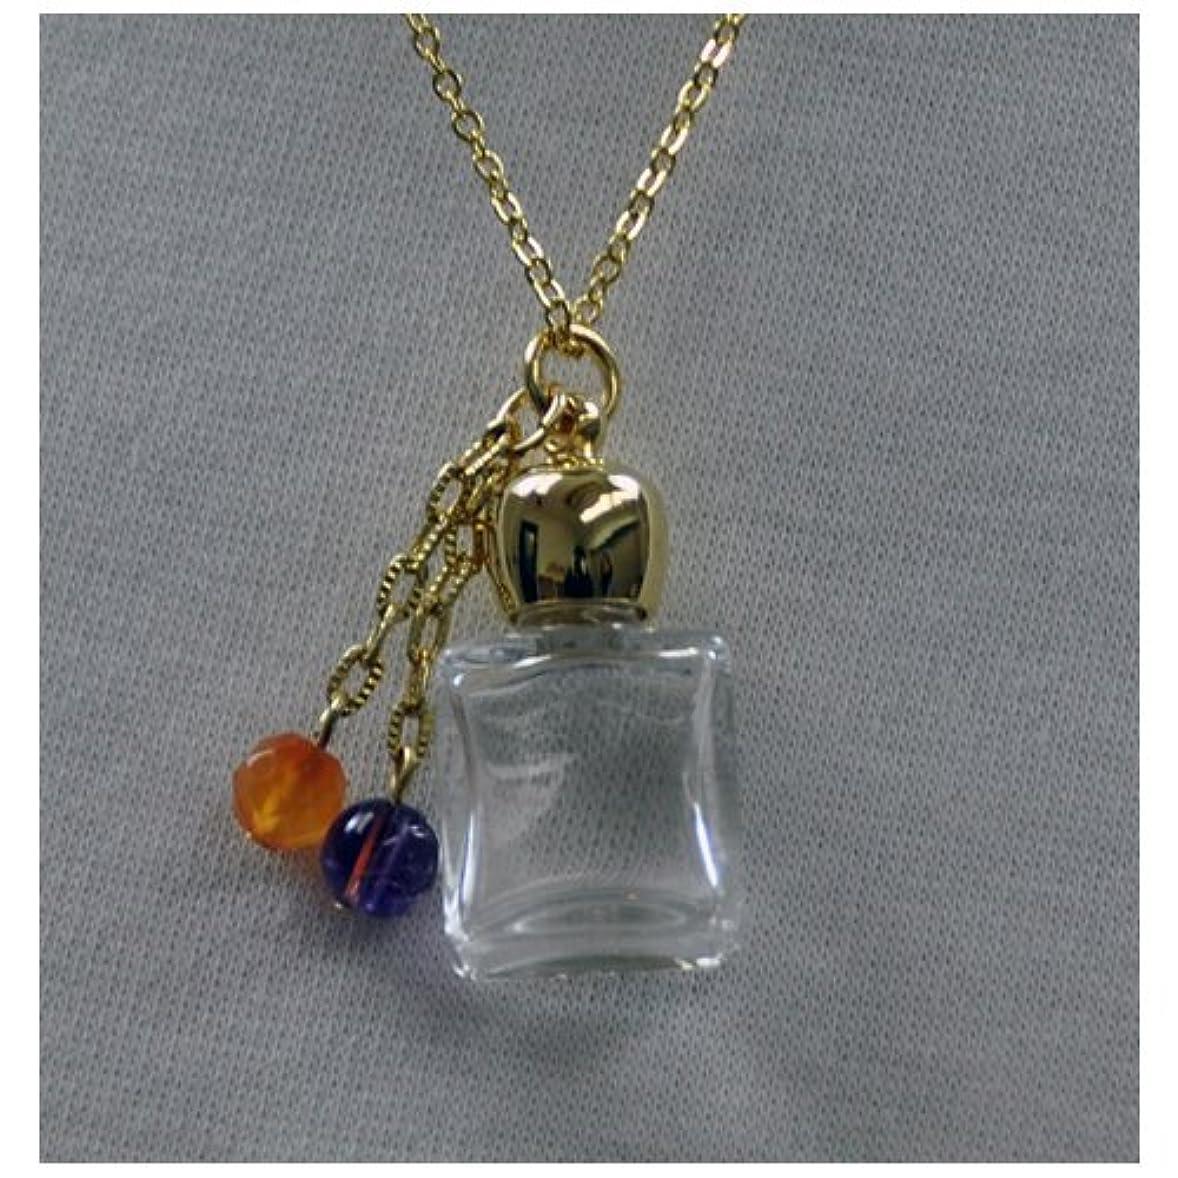 ウナギコーラス反応するボトル アロマペンダント ボックス型ゴールド スポイト付